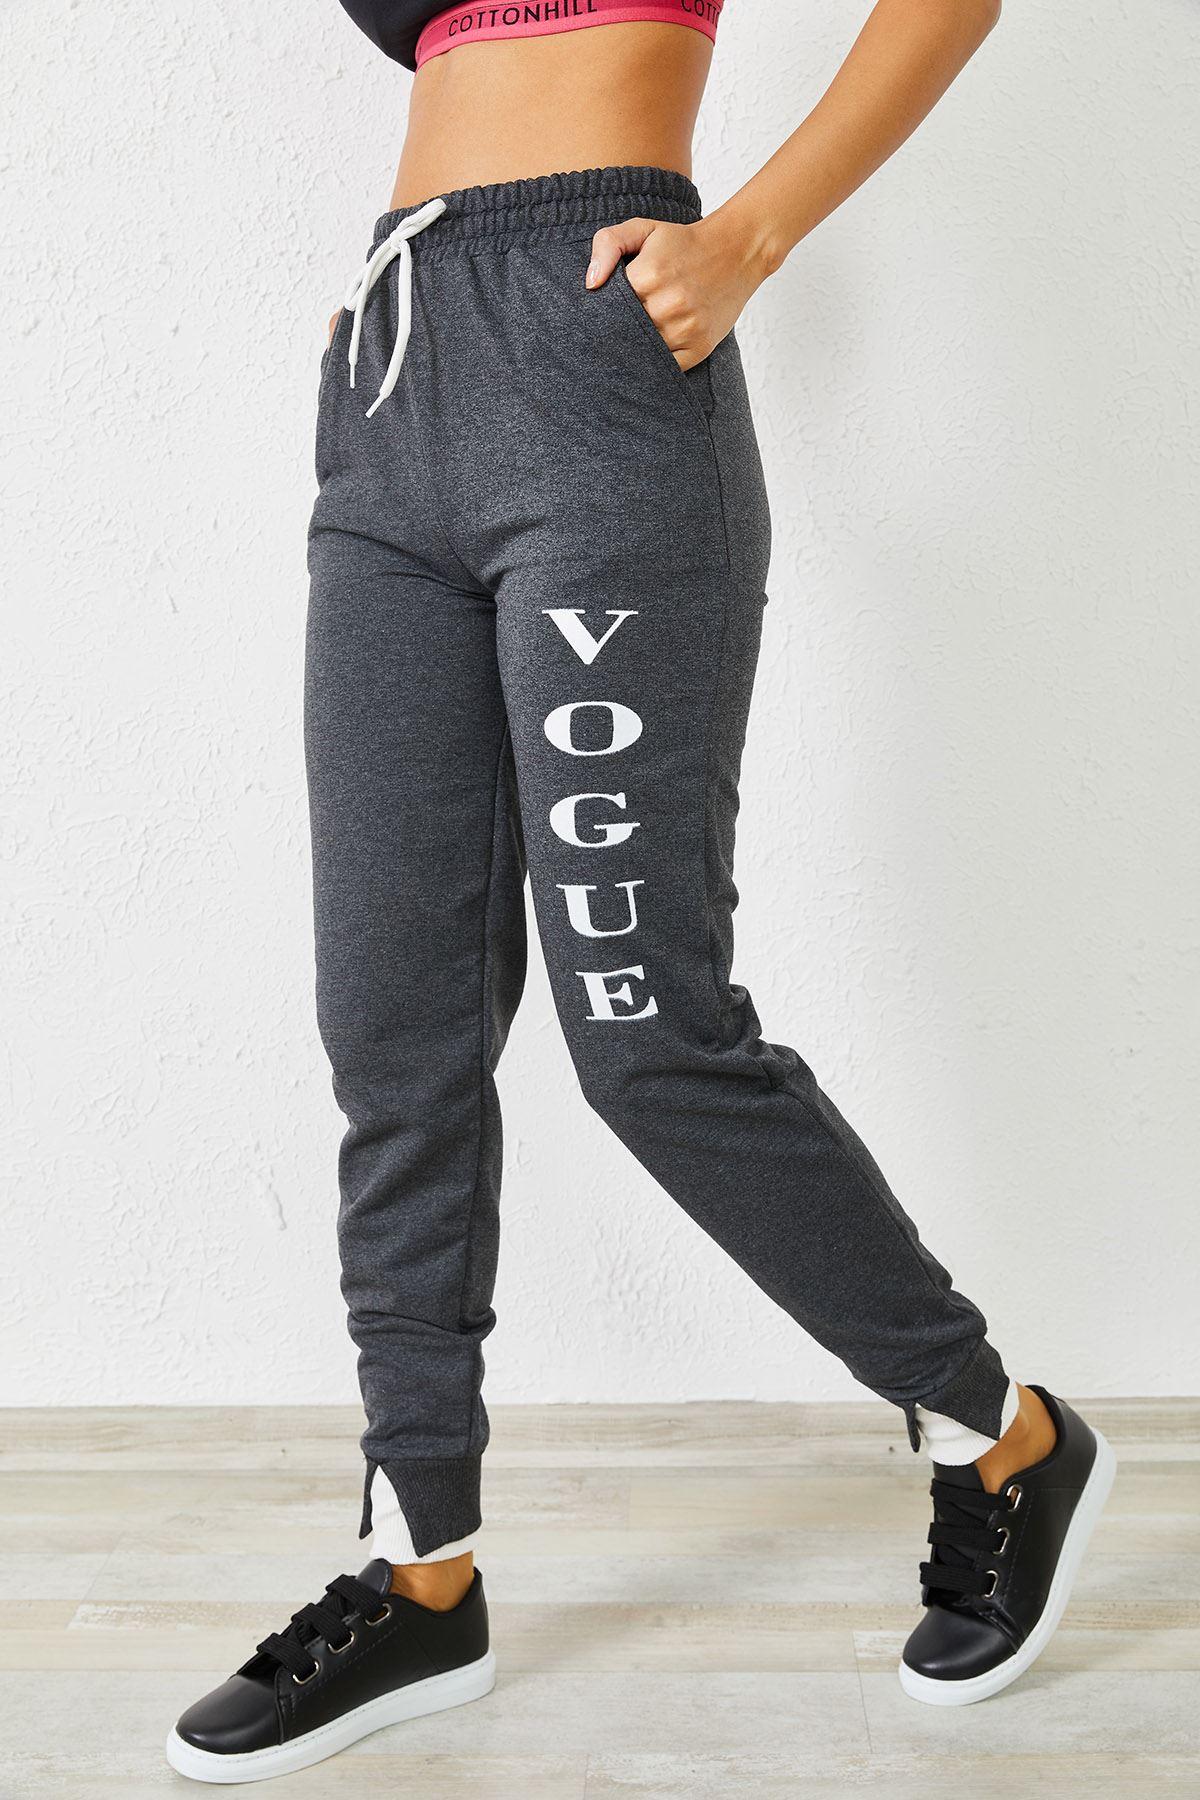 Kadın Vogue Baskılı Paça Detaylı Füme Eşofman Altı